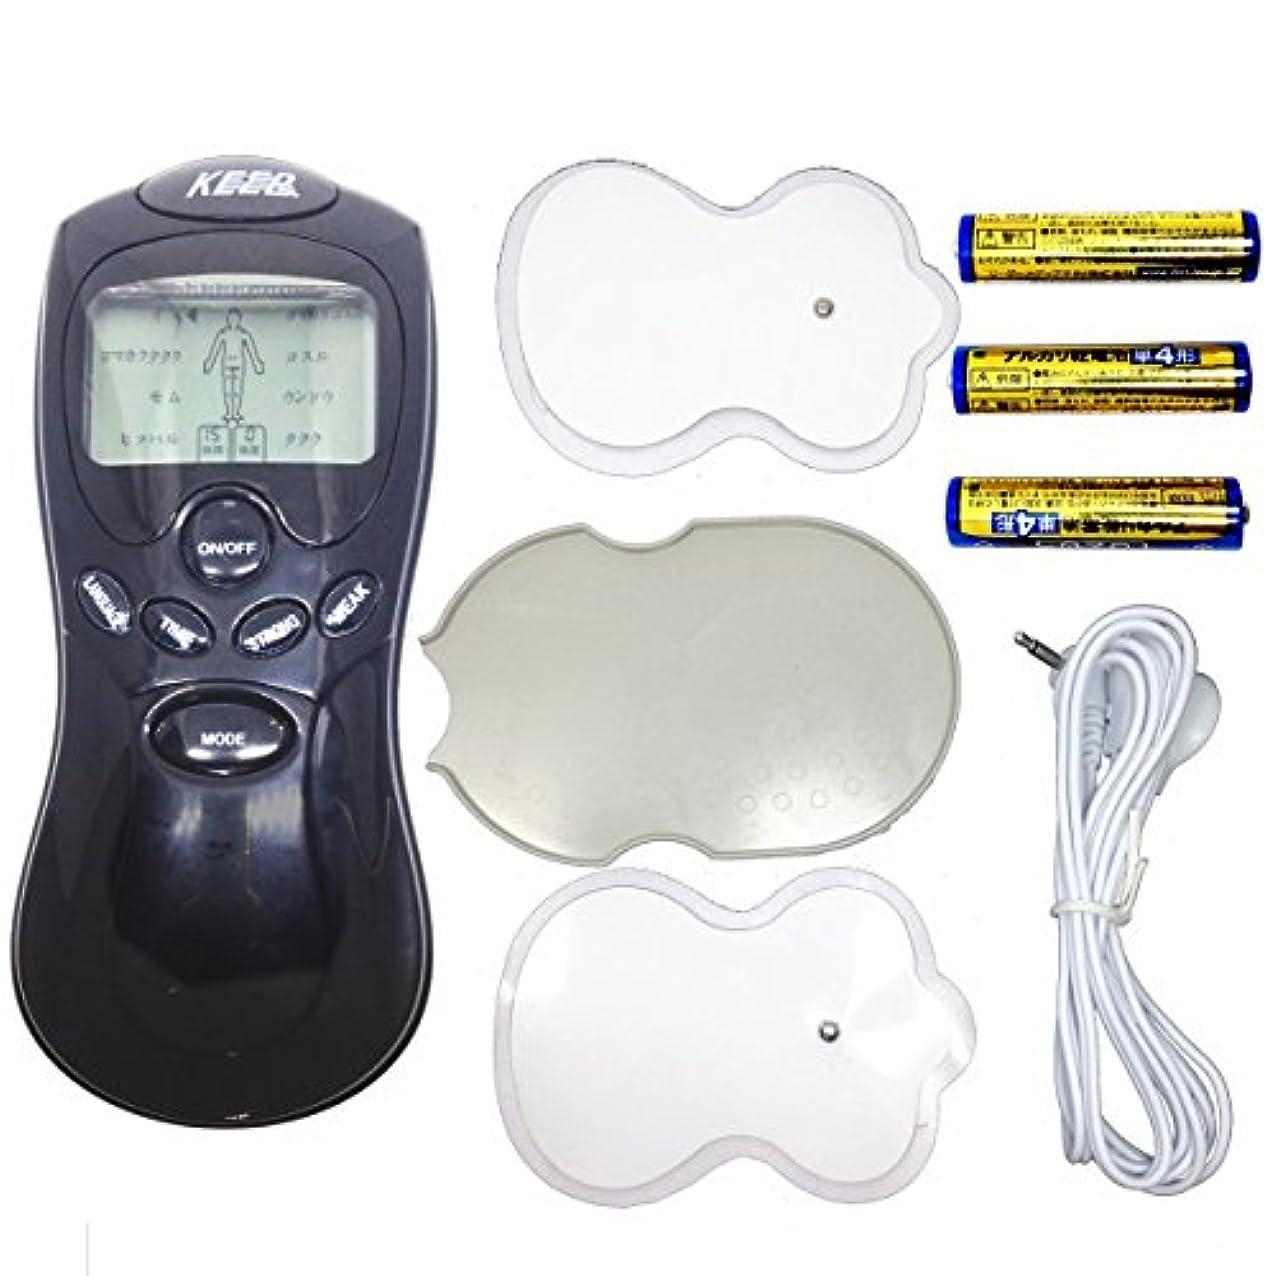 マルクス主義許容できる独裁者EMS-2-MMDフィットネスマシーン別売 電気フィットネスマシーン単四乾電池セット商品なのですぐに使えます。